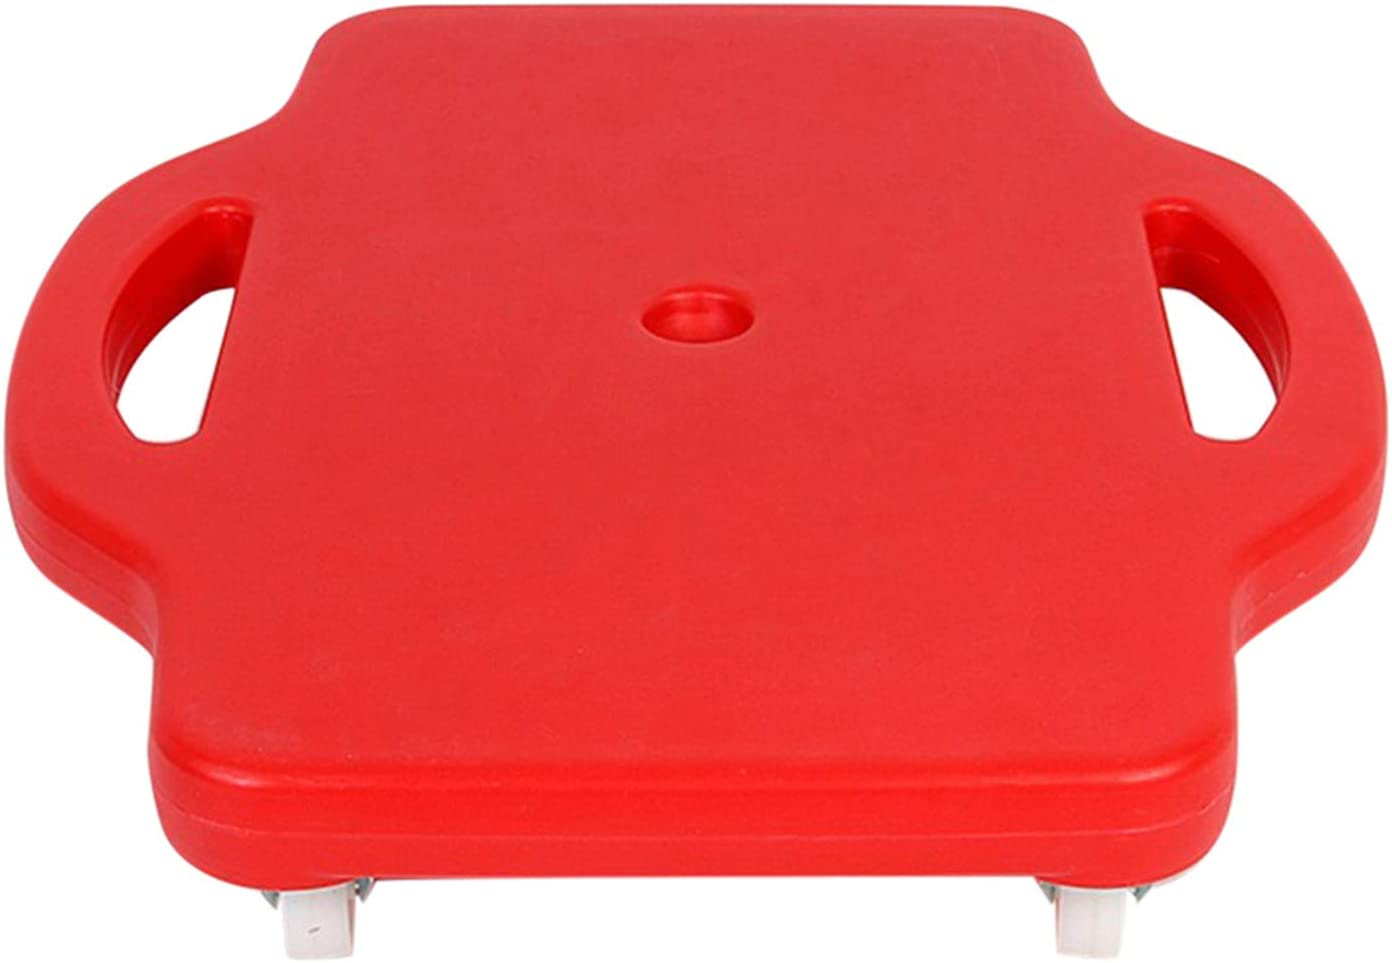 Wapern Patinete de plástico para niños con asas de seguridad y ruedas giratorias, ideal para gimnasio, clase de PE o uso en el hogar, rojo, 42 x 40 cm